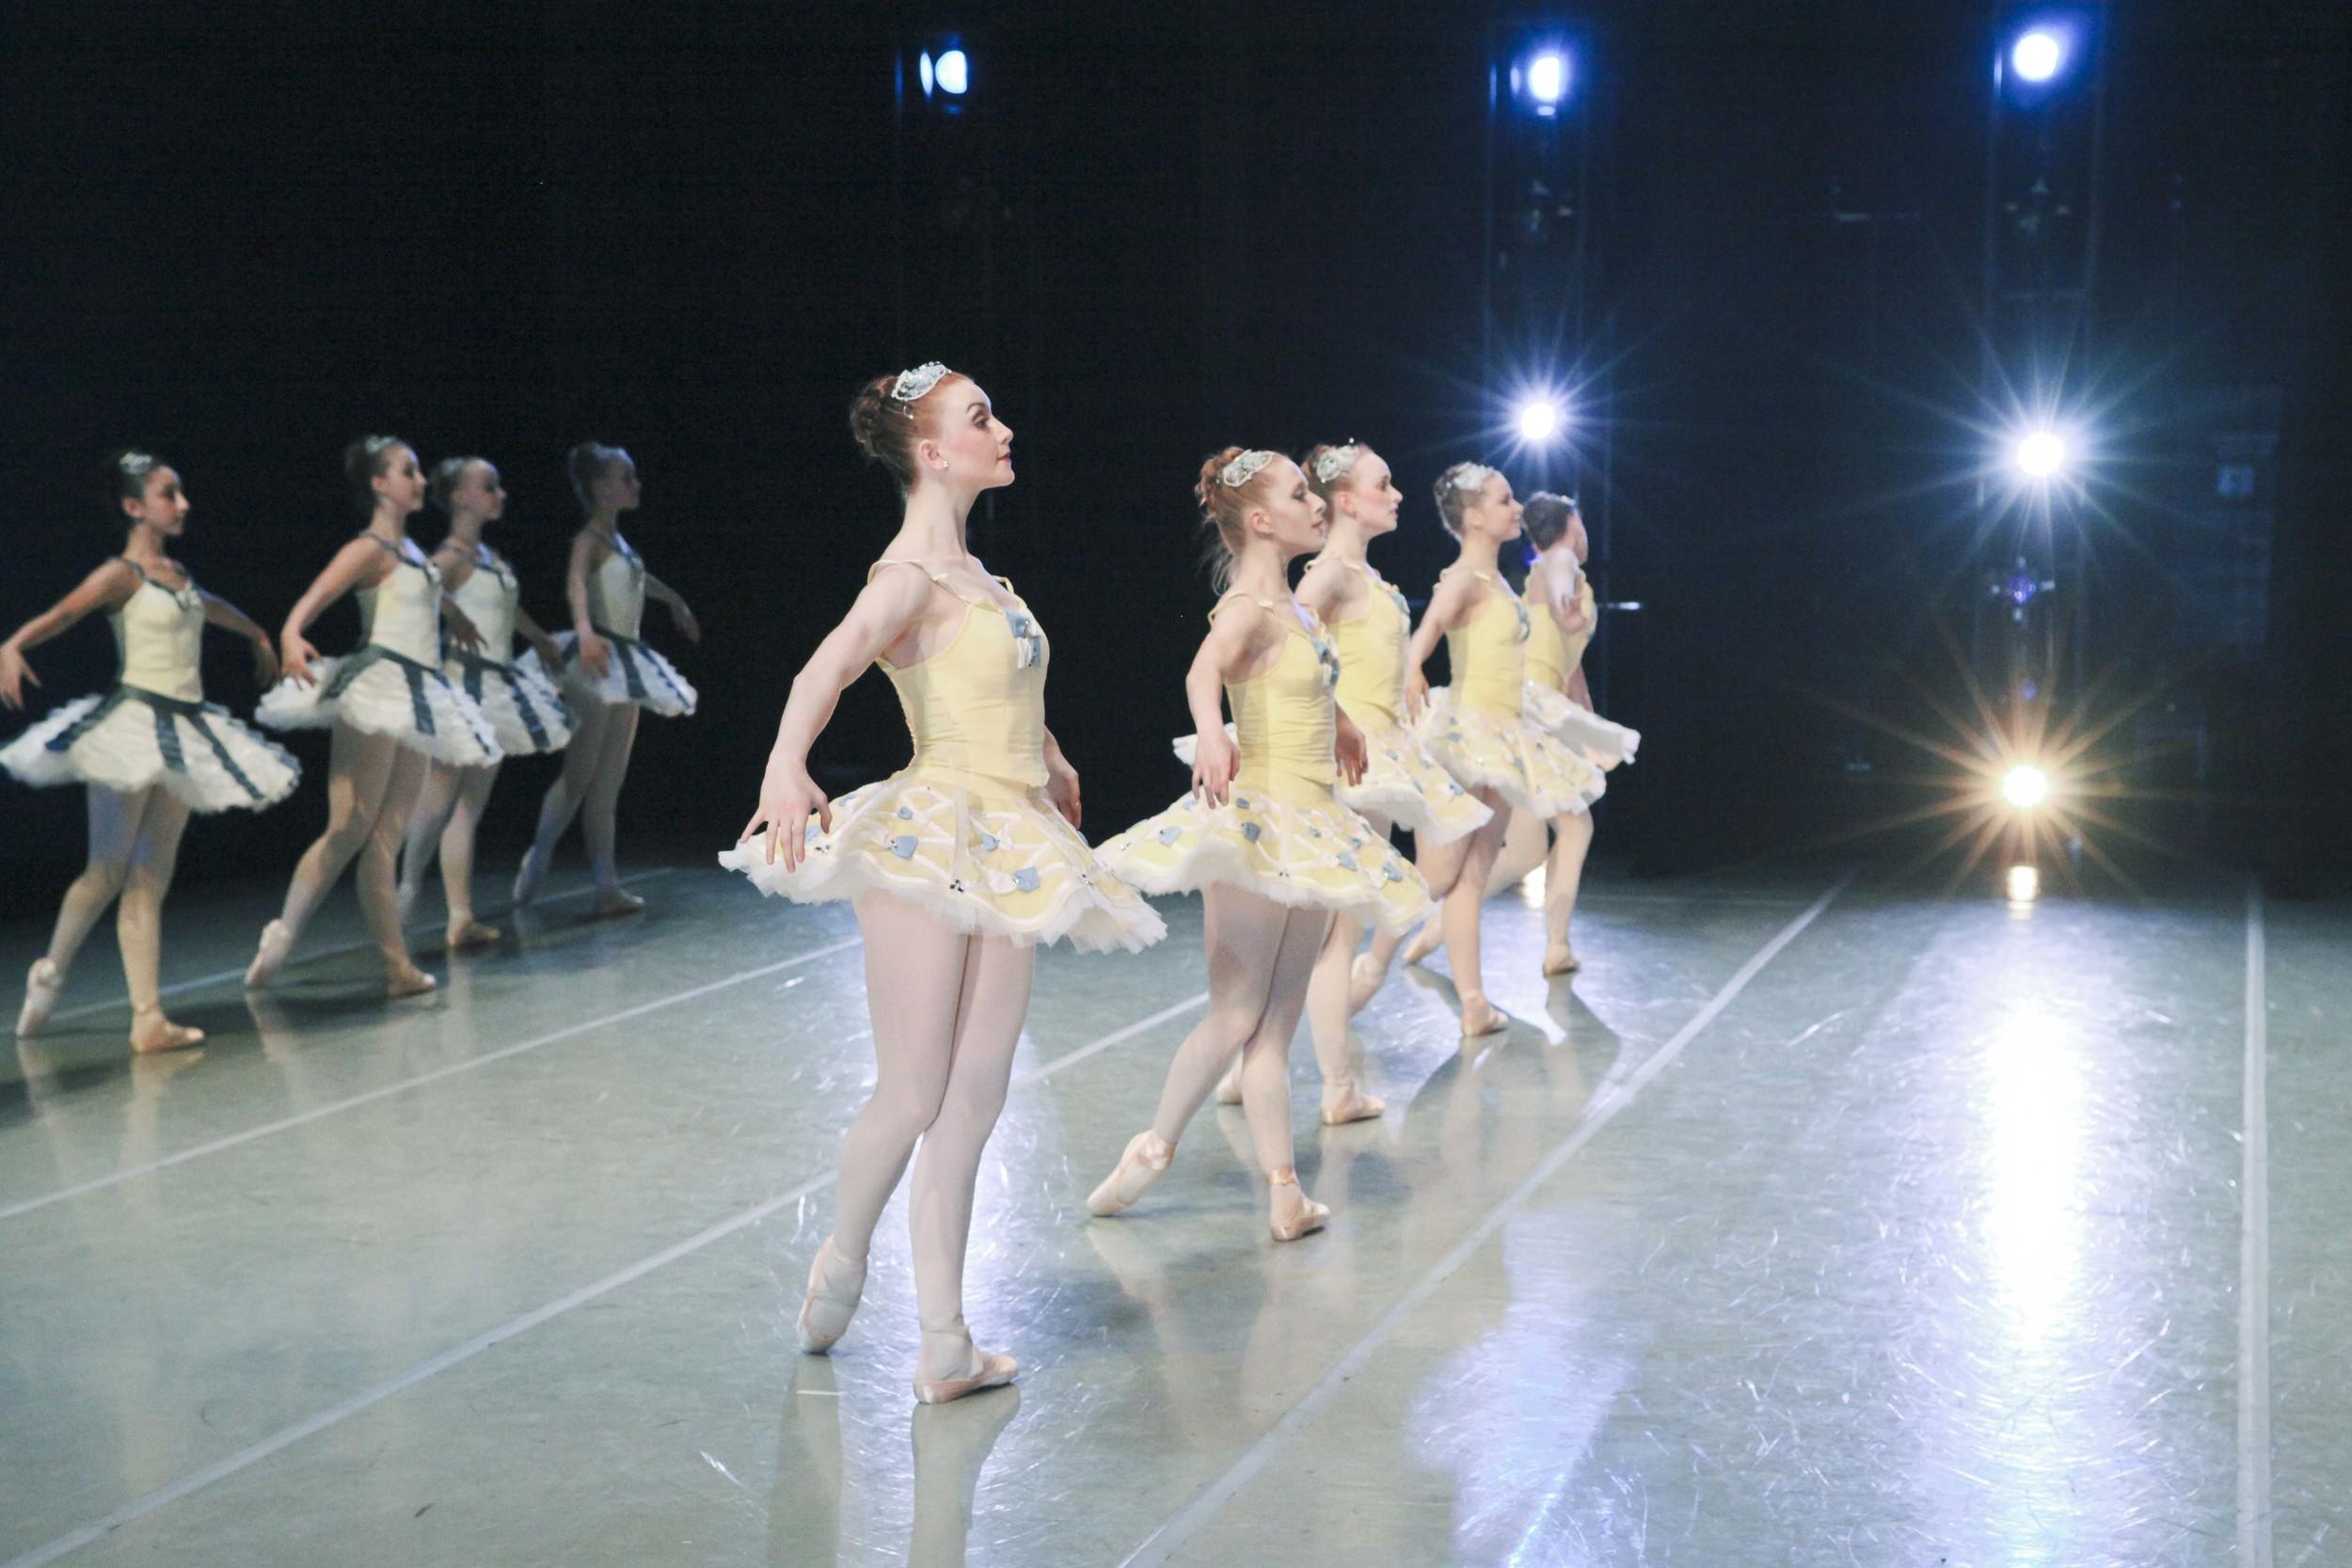 ballet chicago divertimento no 15 shea smith